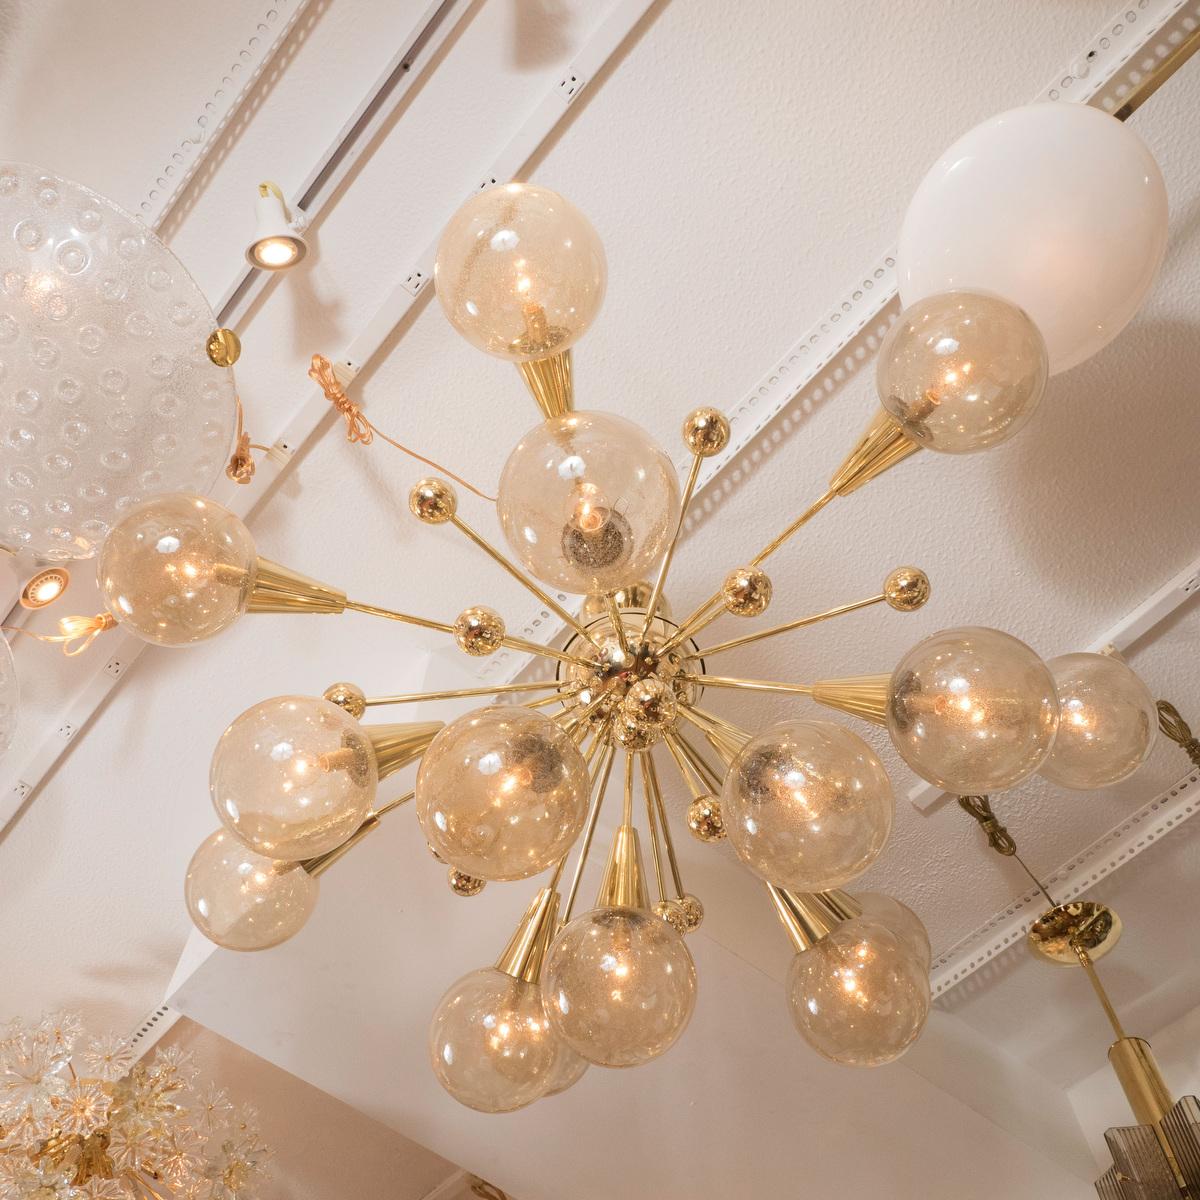 Brass sputnik style chandelier chandeliers pendants for Sputnik chandelier